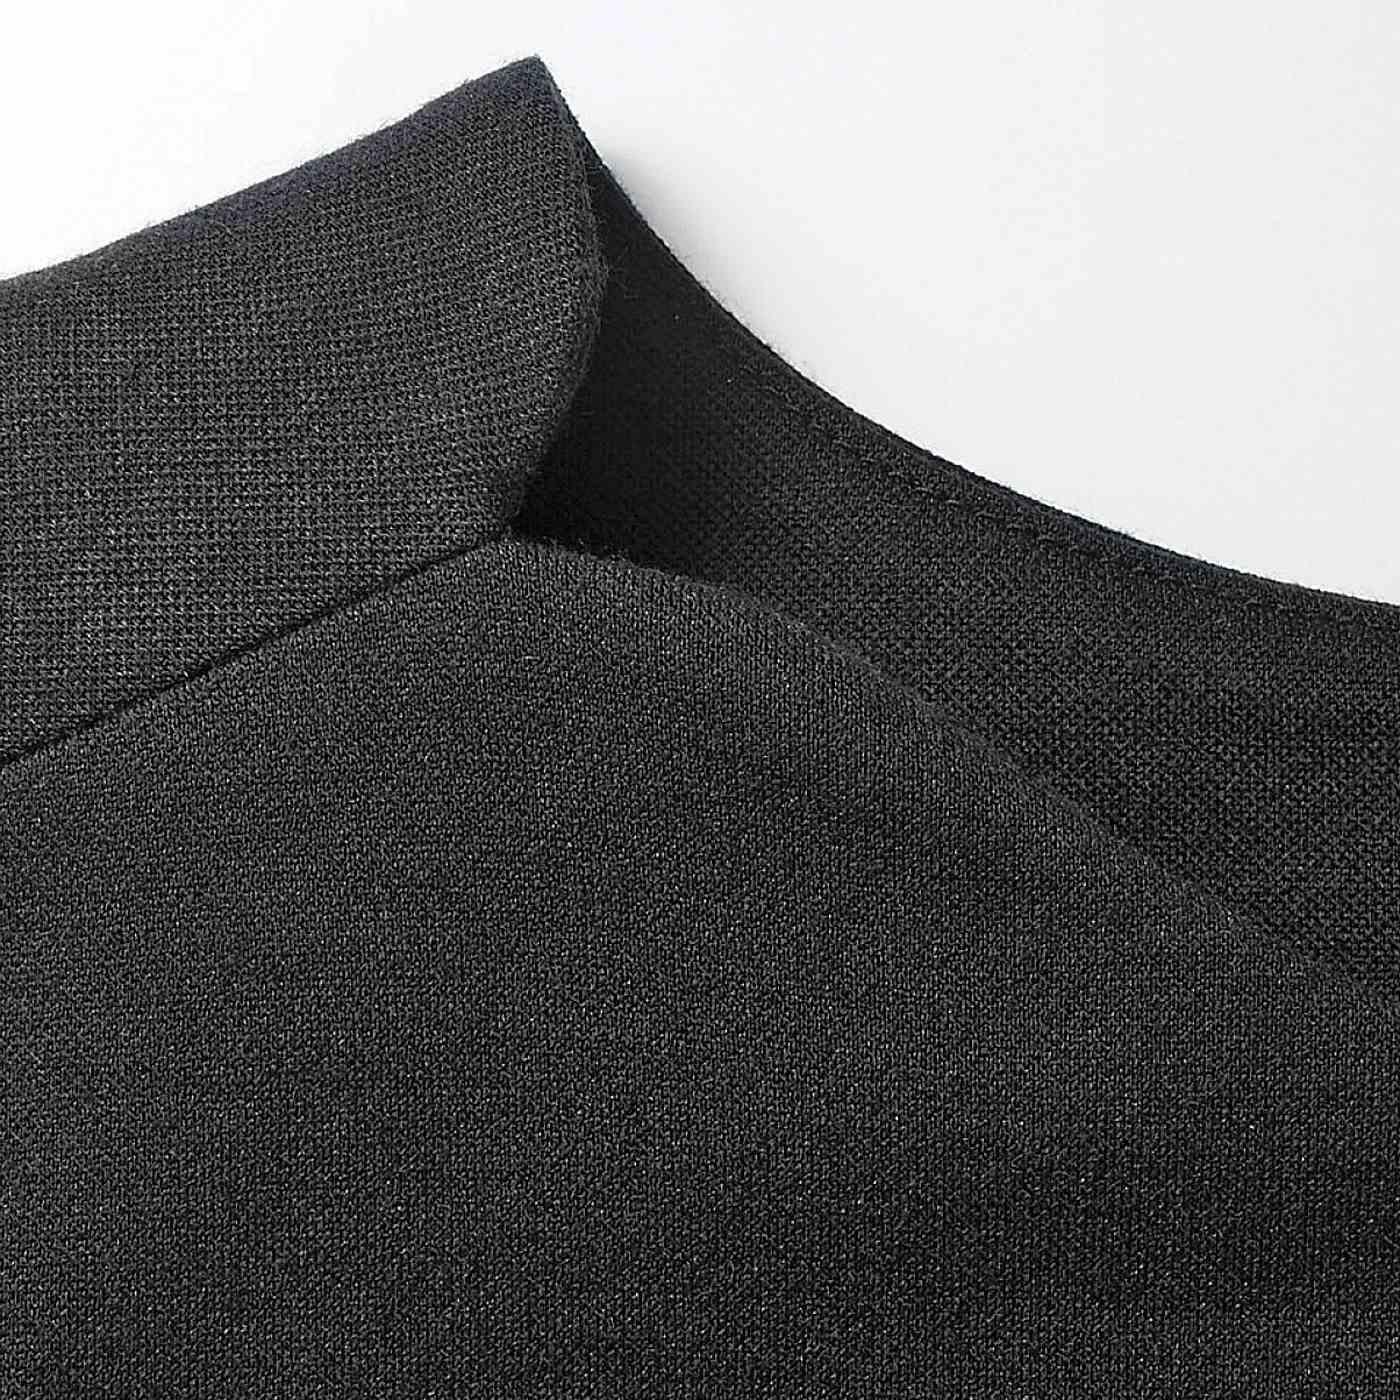 小さくスリットを入れた衿ぐりのカッティングが印象的。